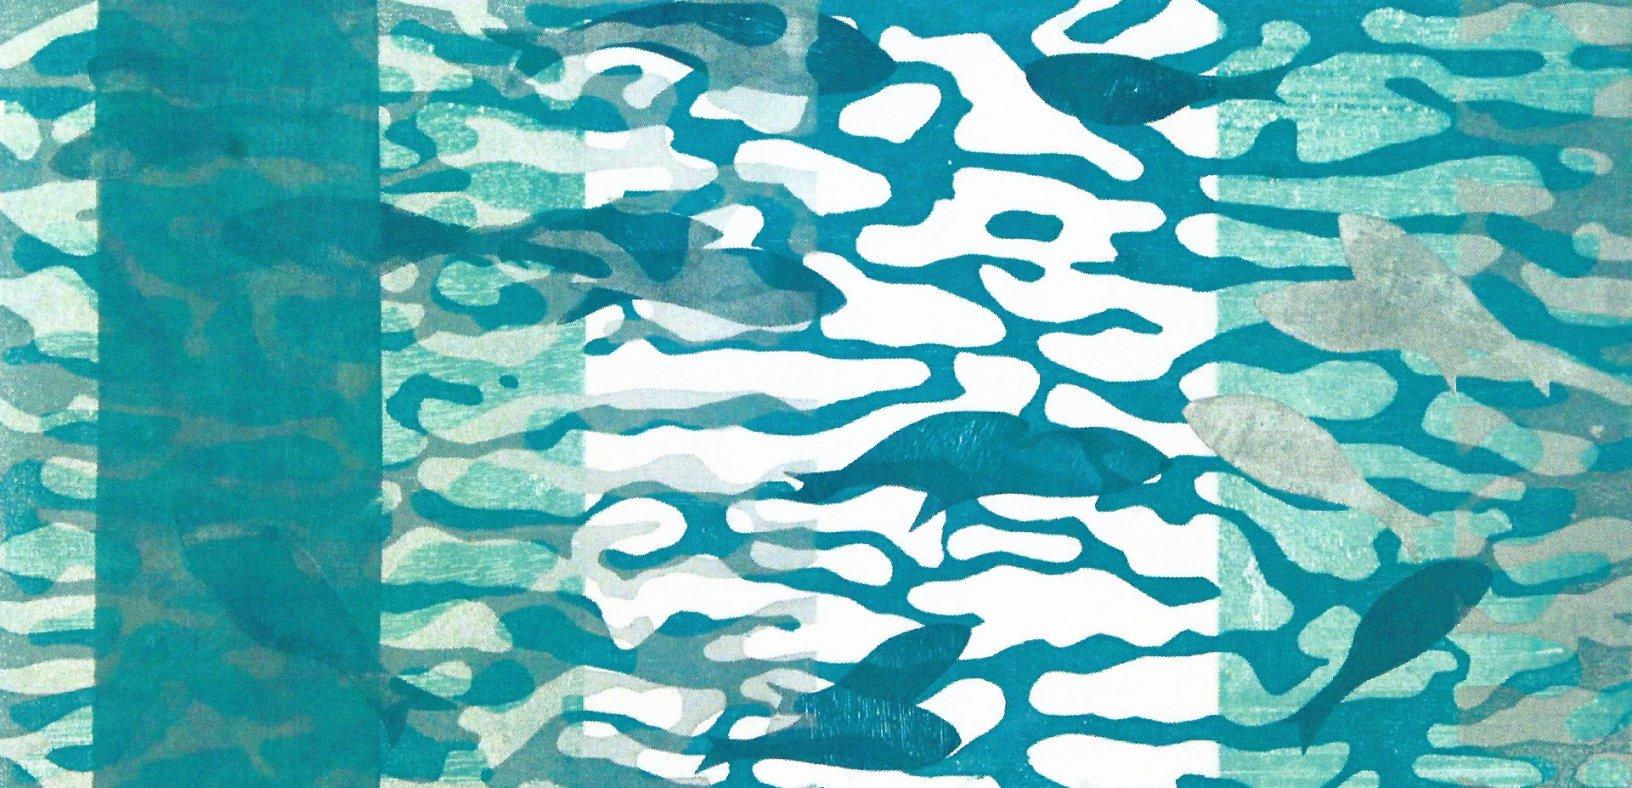 Elogio al Mar (2010) - Conchy Rivero